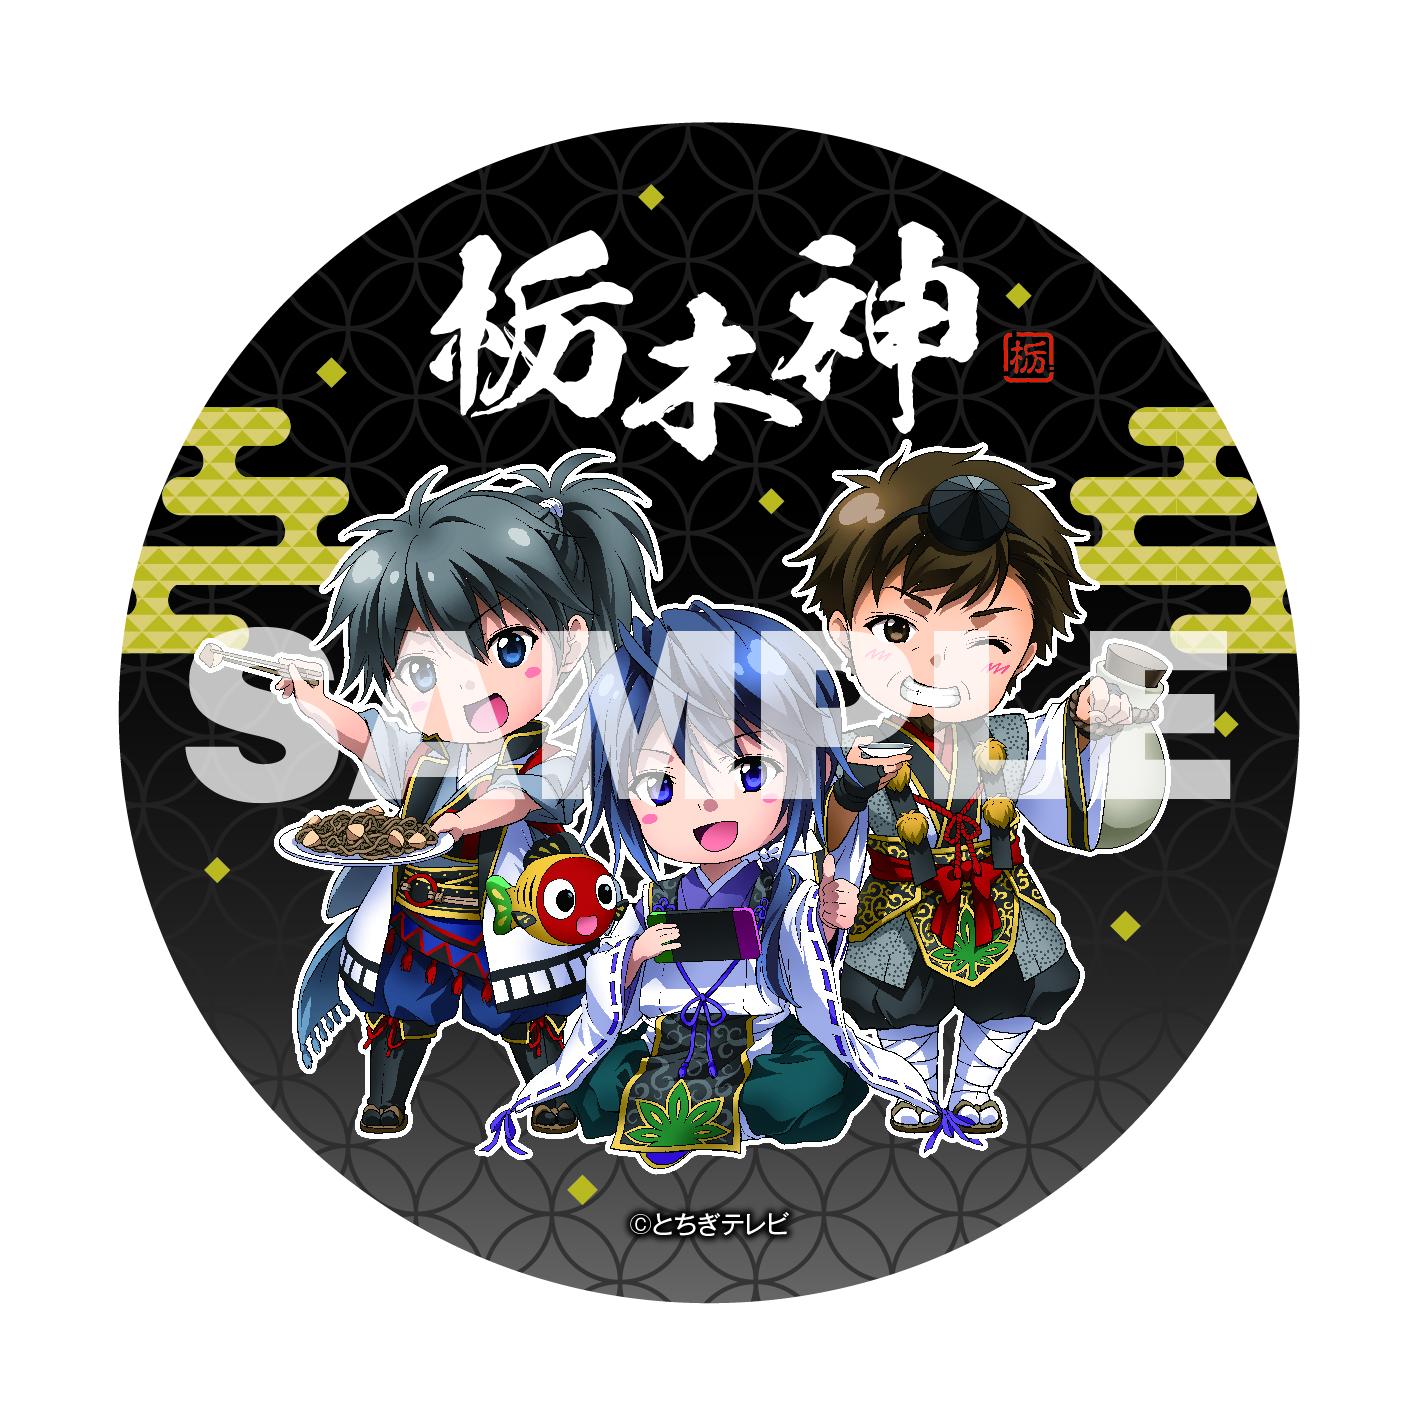 ▲栃木神缶バッチ 400円